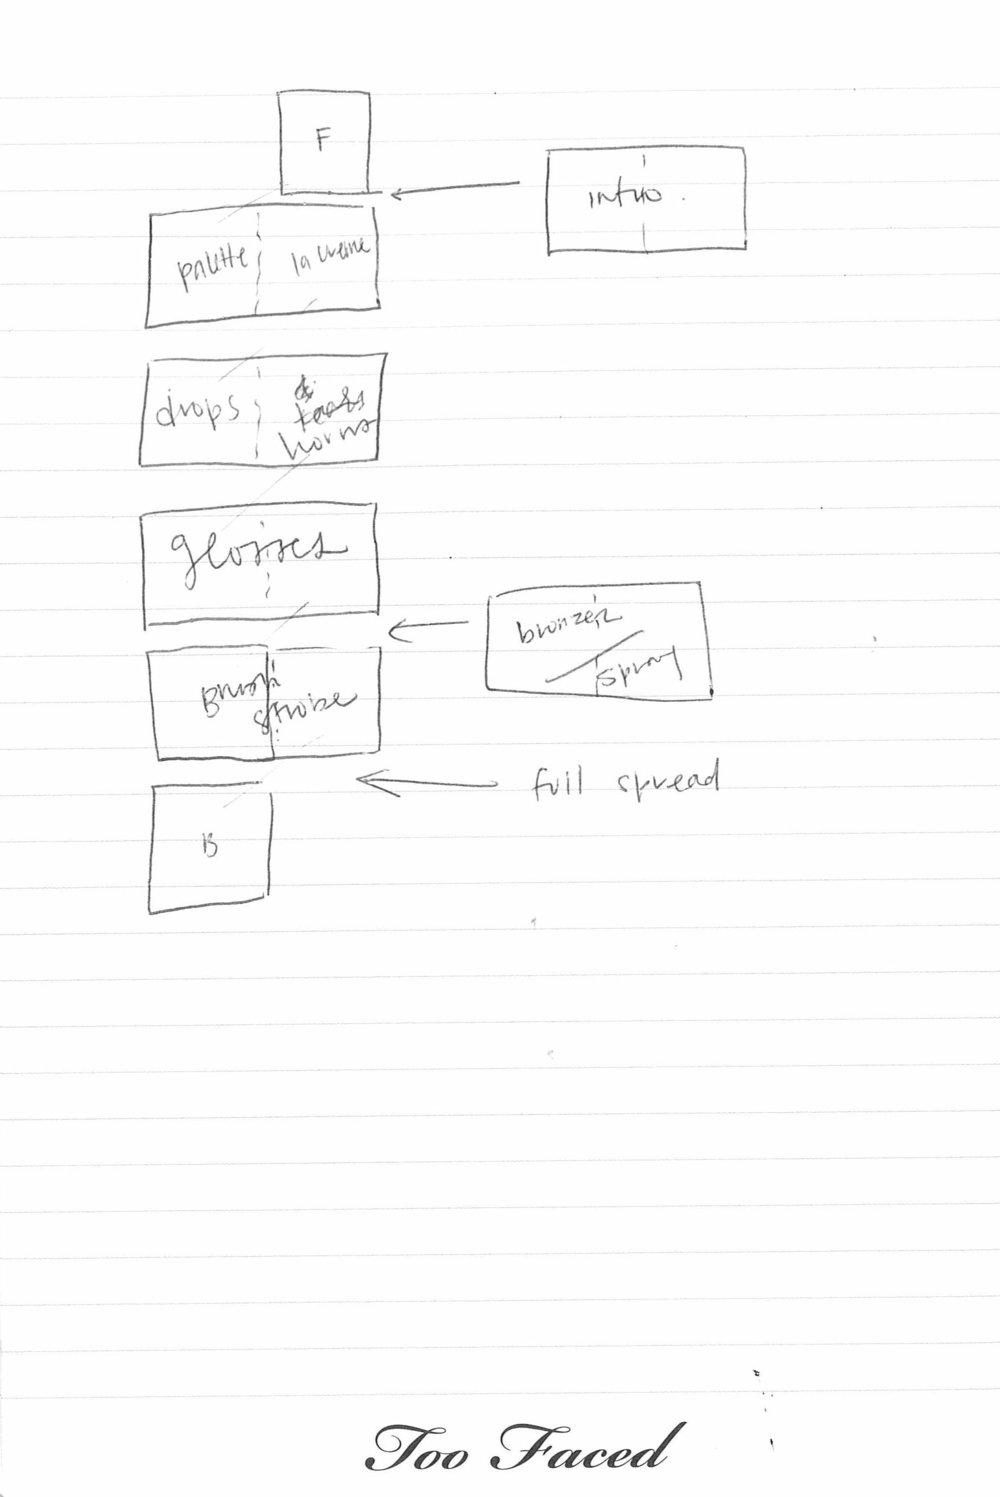 Mailer_process2